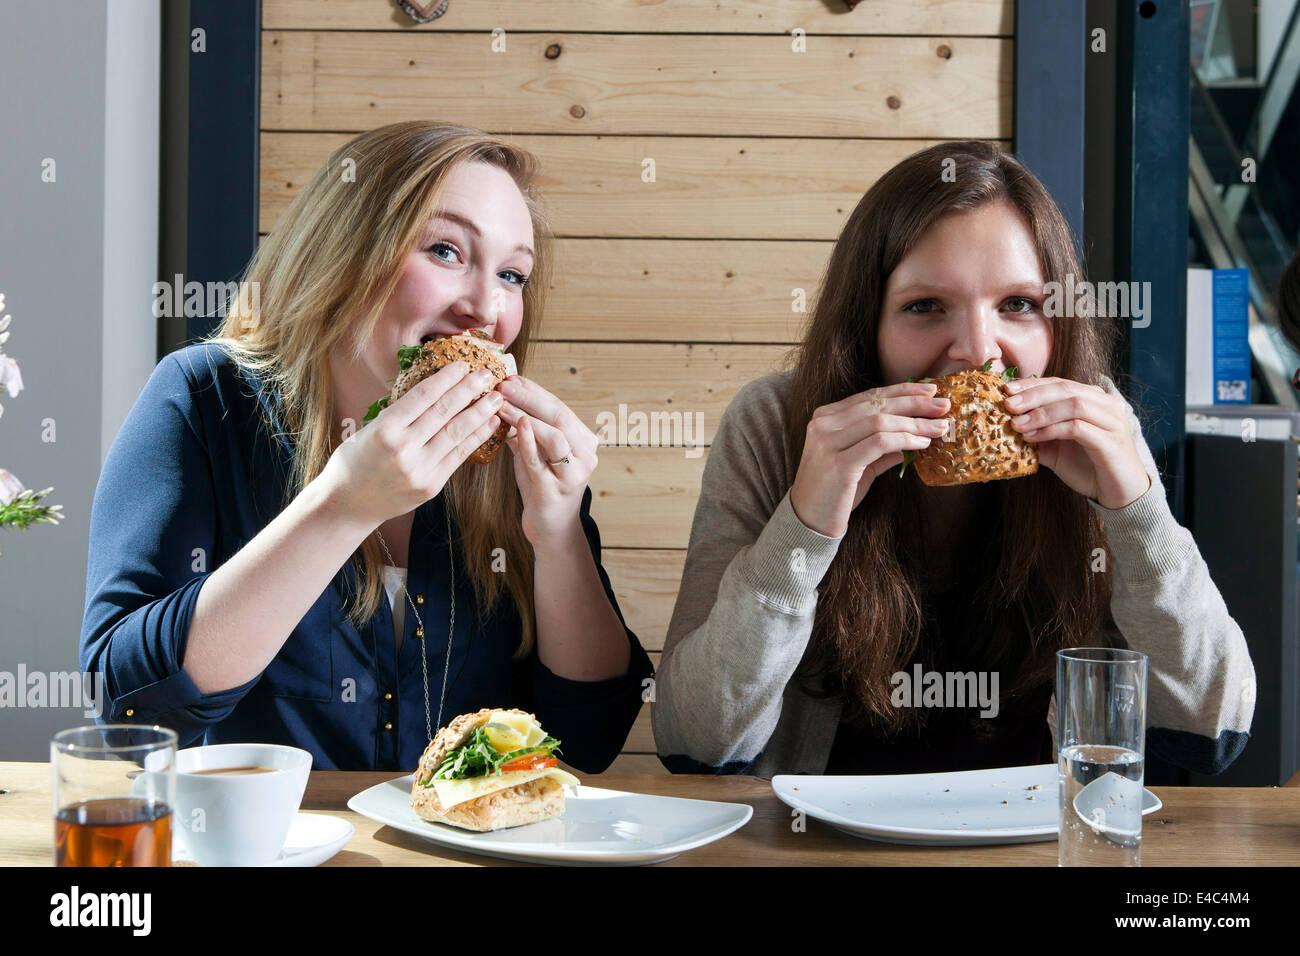 Due giovani donne mangiando panini in un cafe Immagini Stock